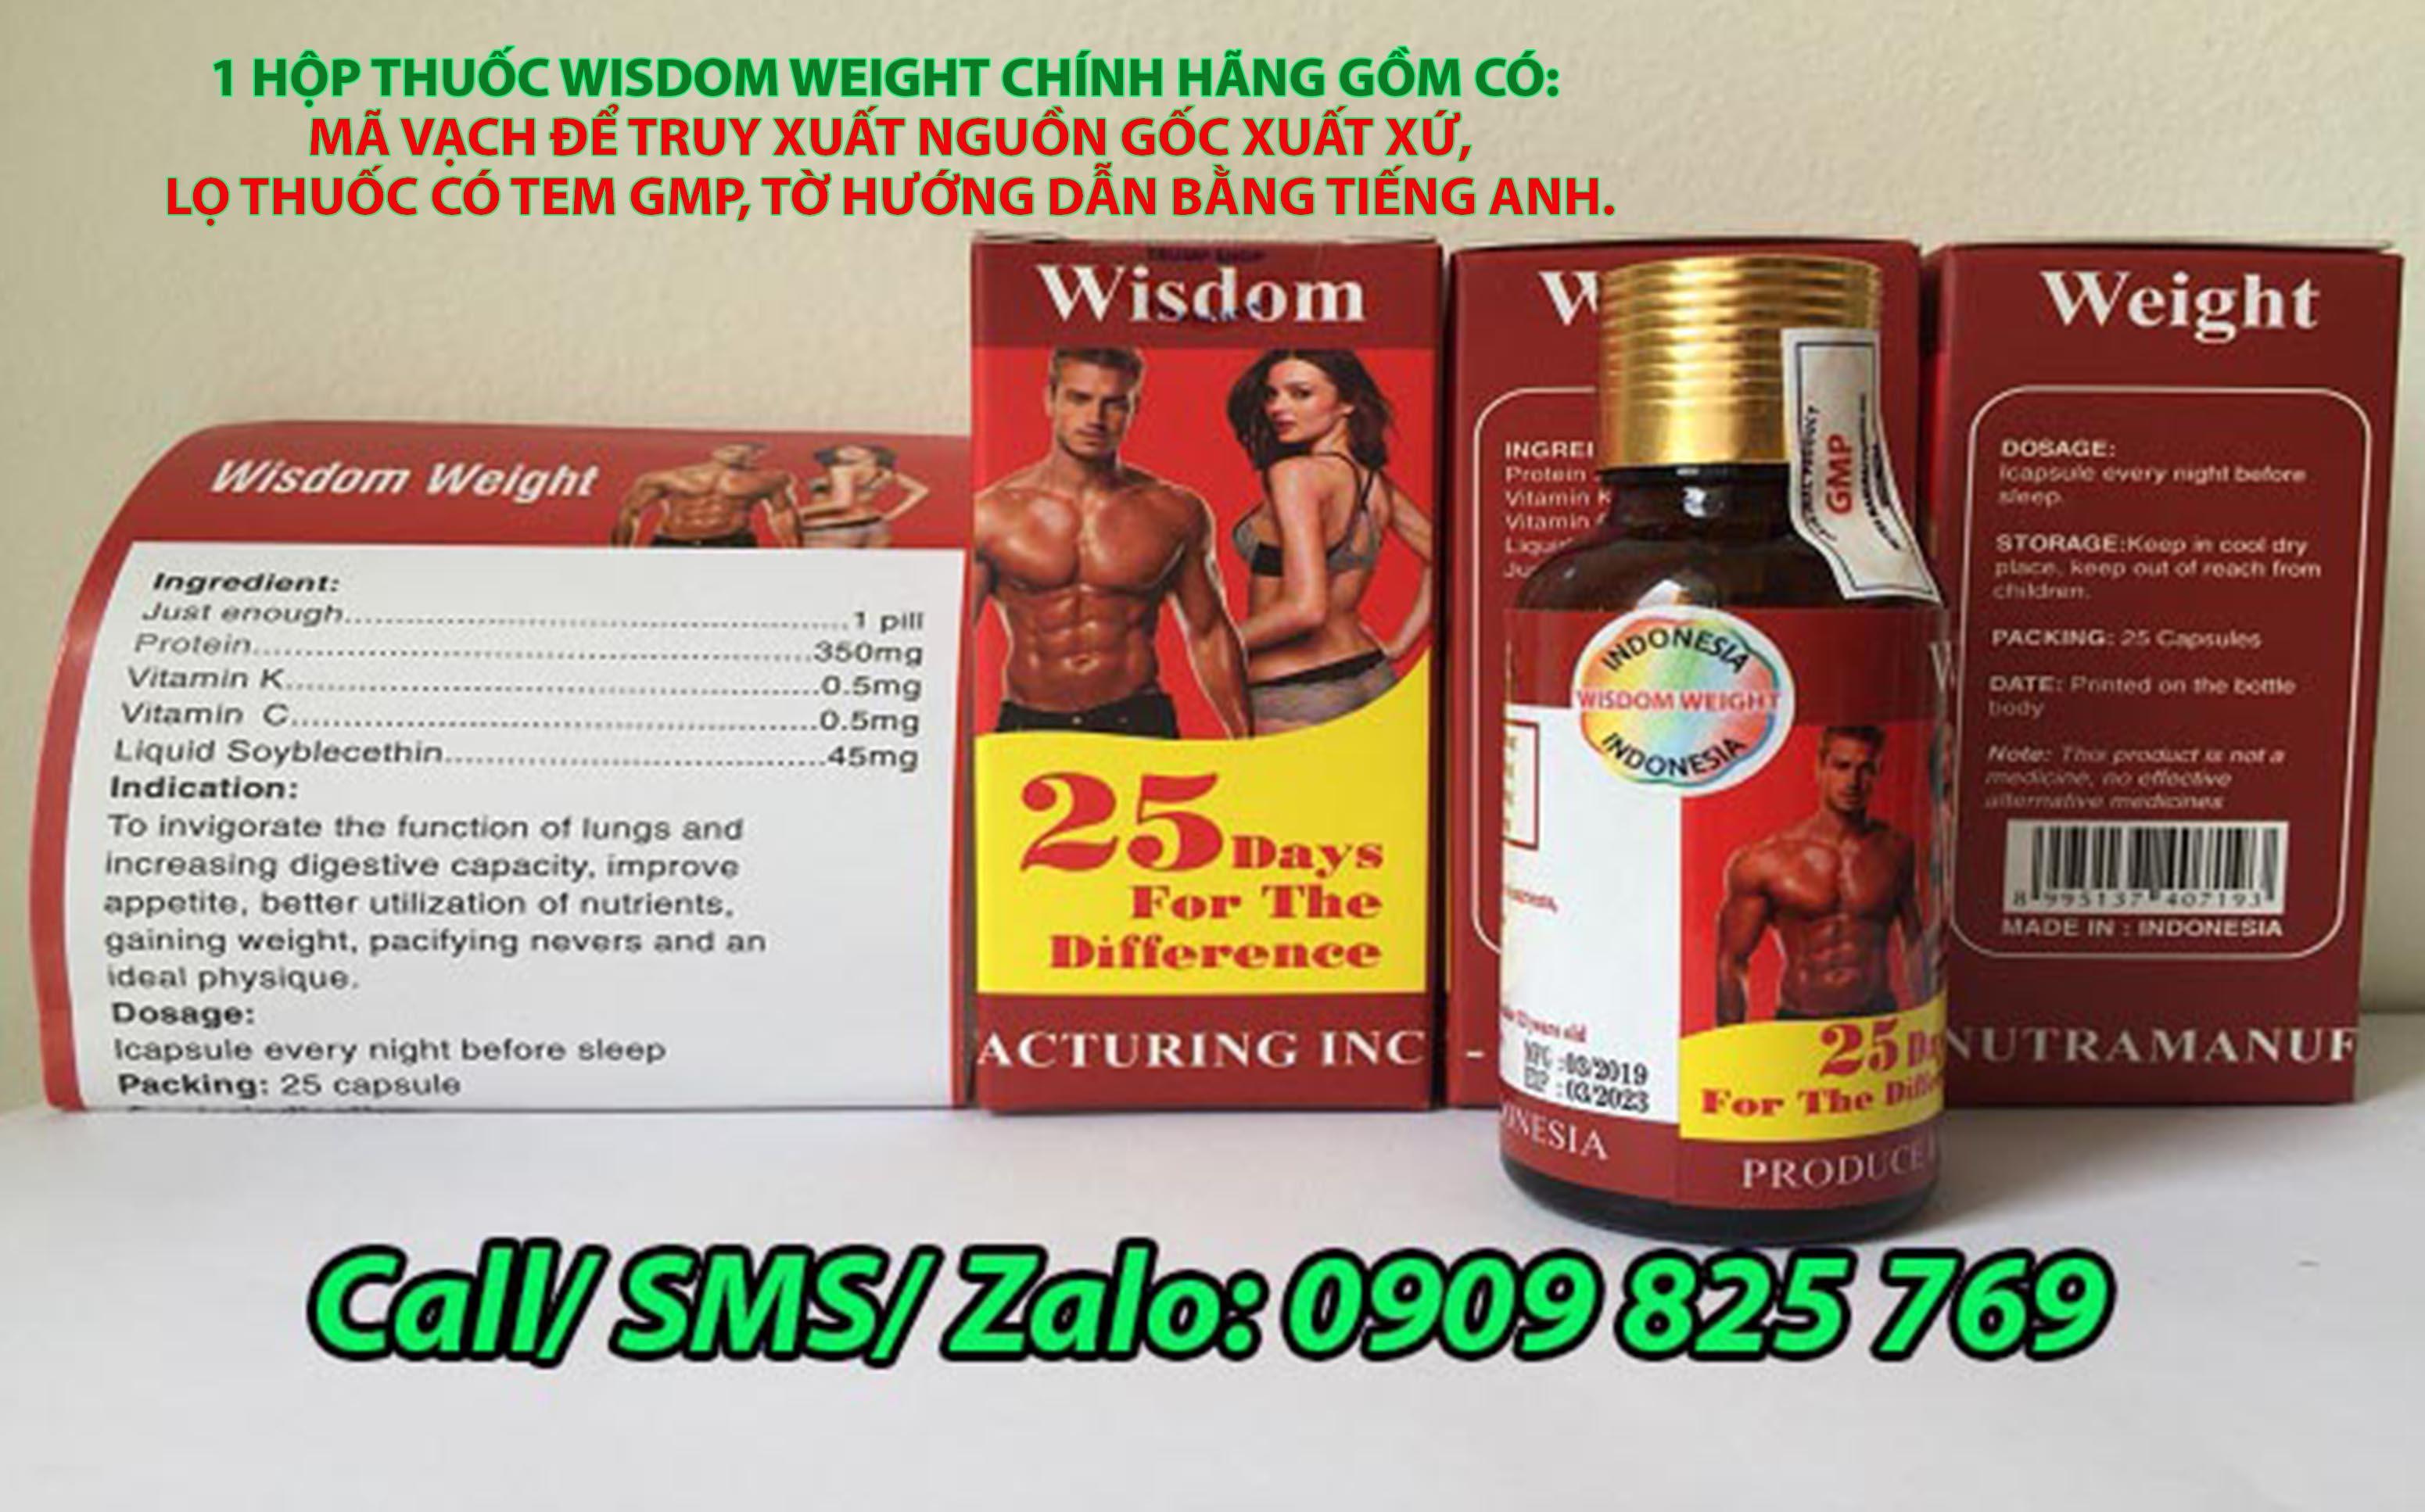 Thuốc tăng cân Wisdom Weight THẬT